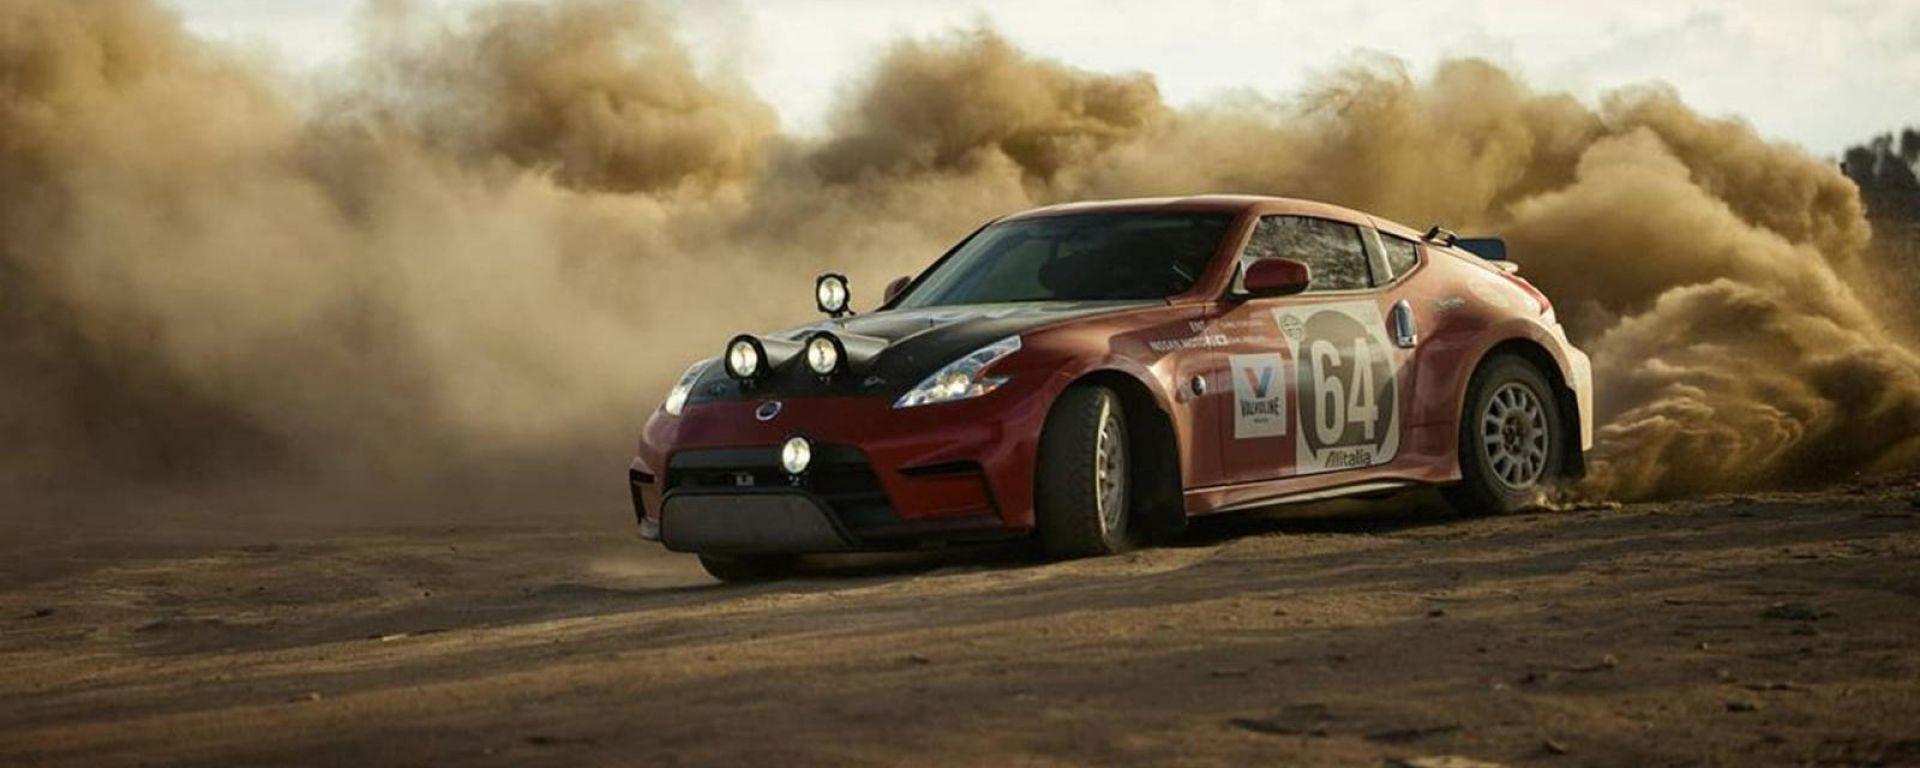 Drifting selvaggio sullo sterrato con la Nissan 370Z Rally